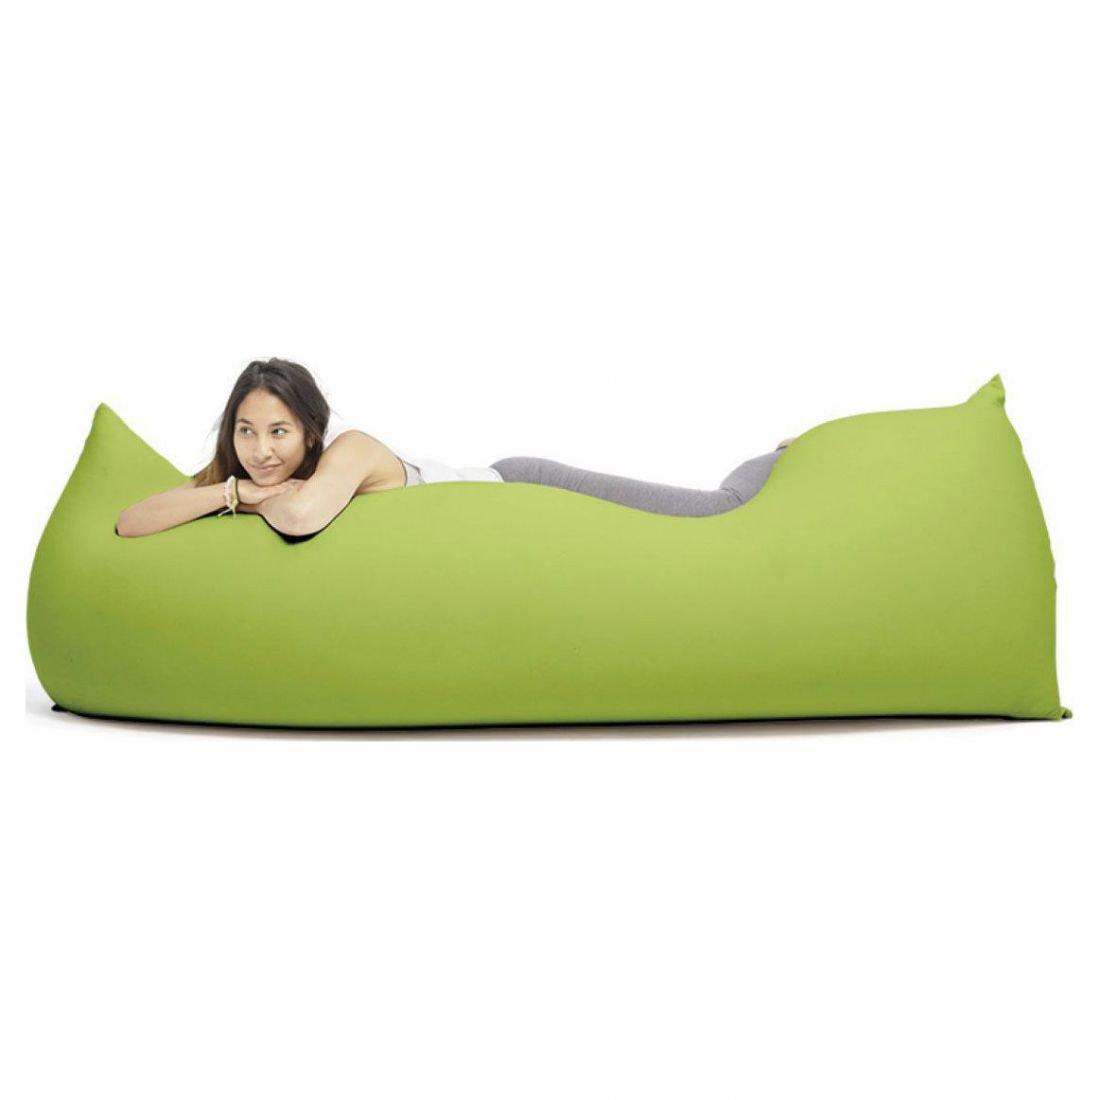 Terapy Baloo zitzak - Groen